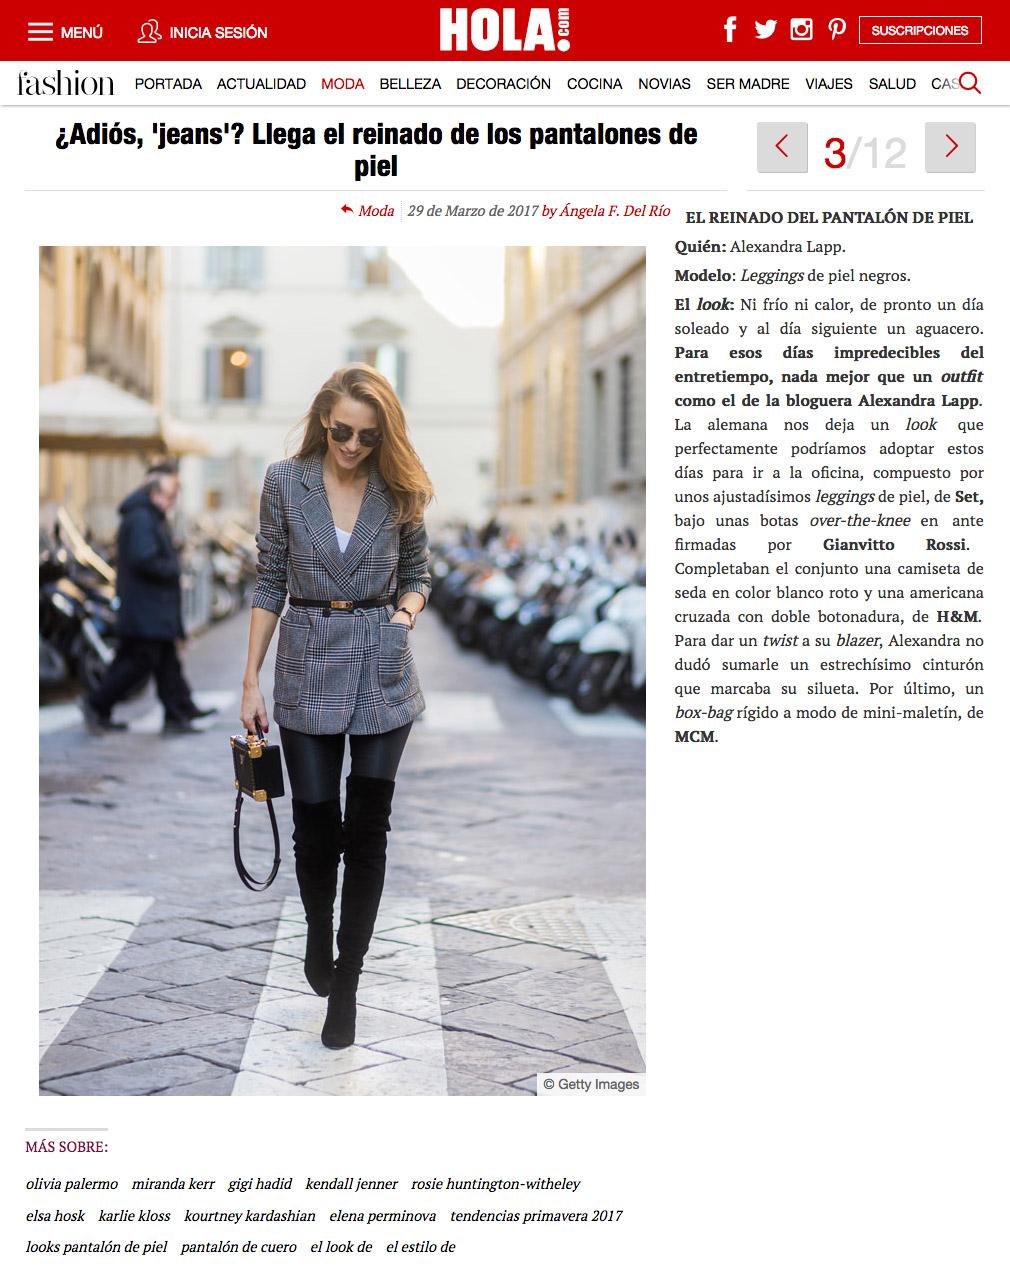 Adios jeans? Llega el einado de los pantalones de piel - 2017 03 - Alexandra Lapp - found on http://www.hola.com/moda/tendencias/galeria/2017032992778/pantalon-piel-looks/3/